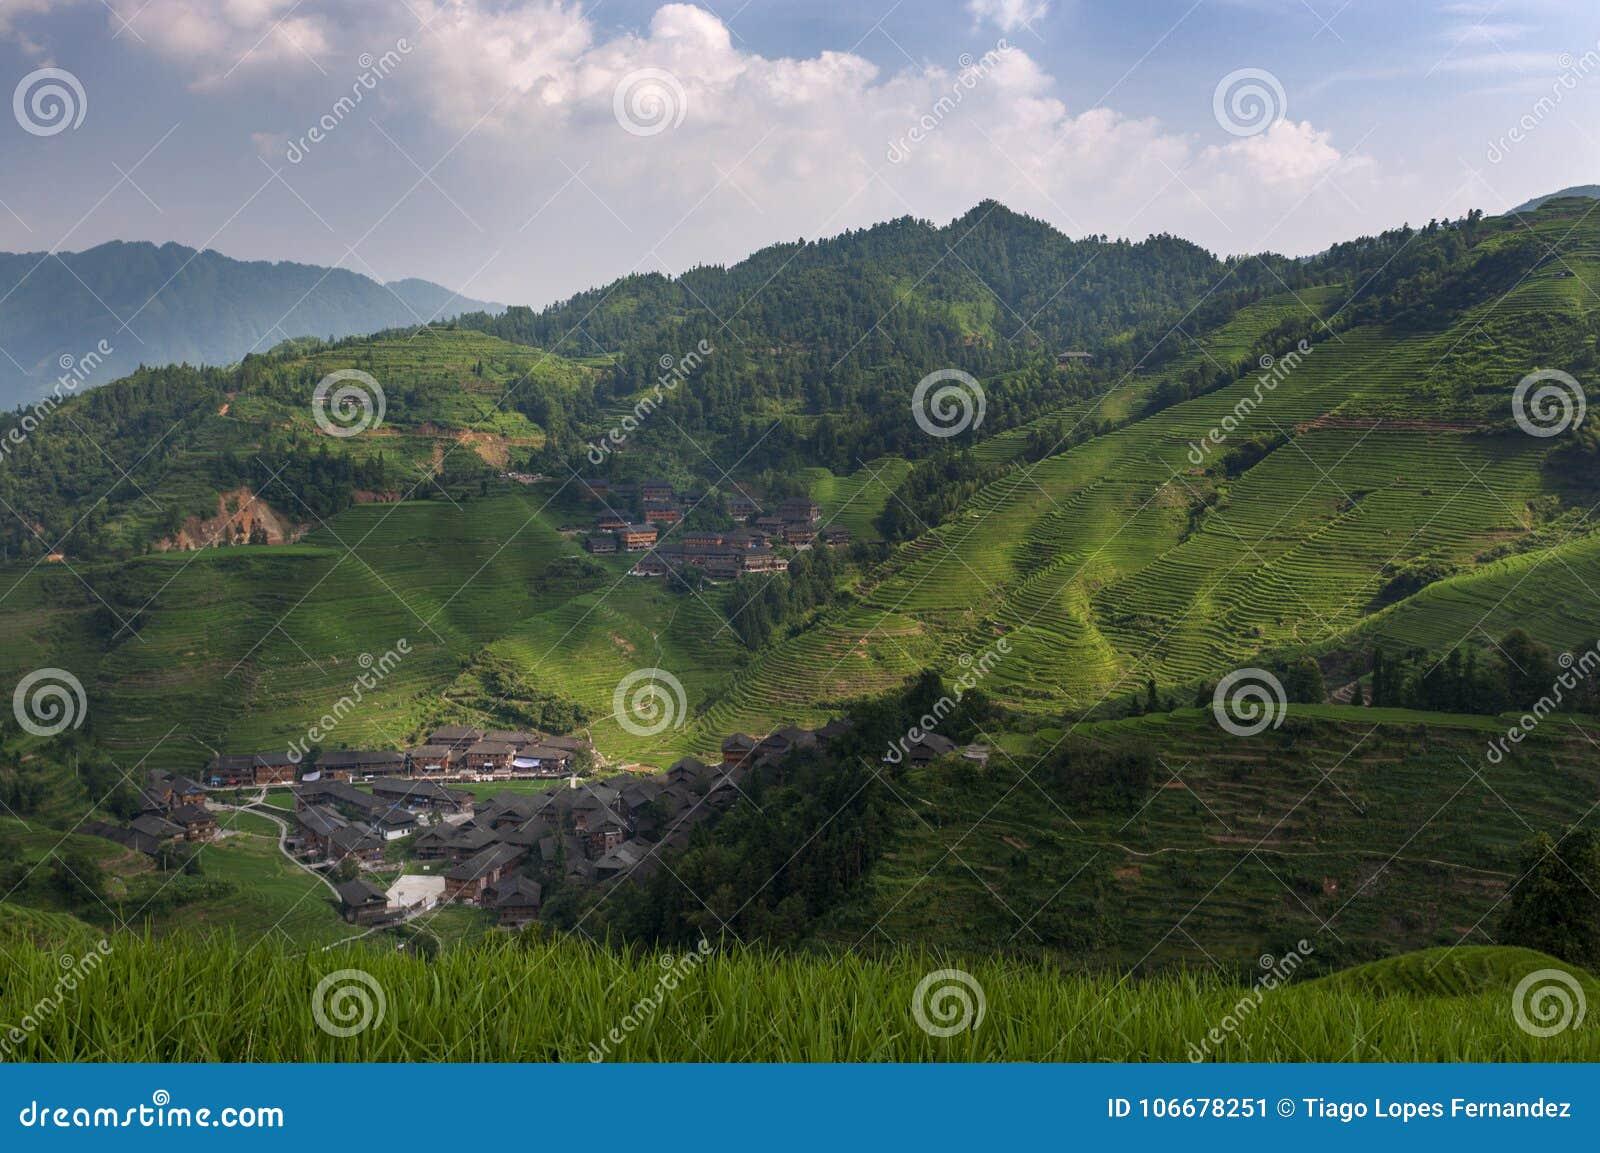 Belle vue du village de Dazhai et des terrasses environnantes de riz de Longsheng dans la province de Guangxi en Chine